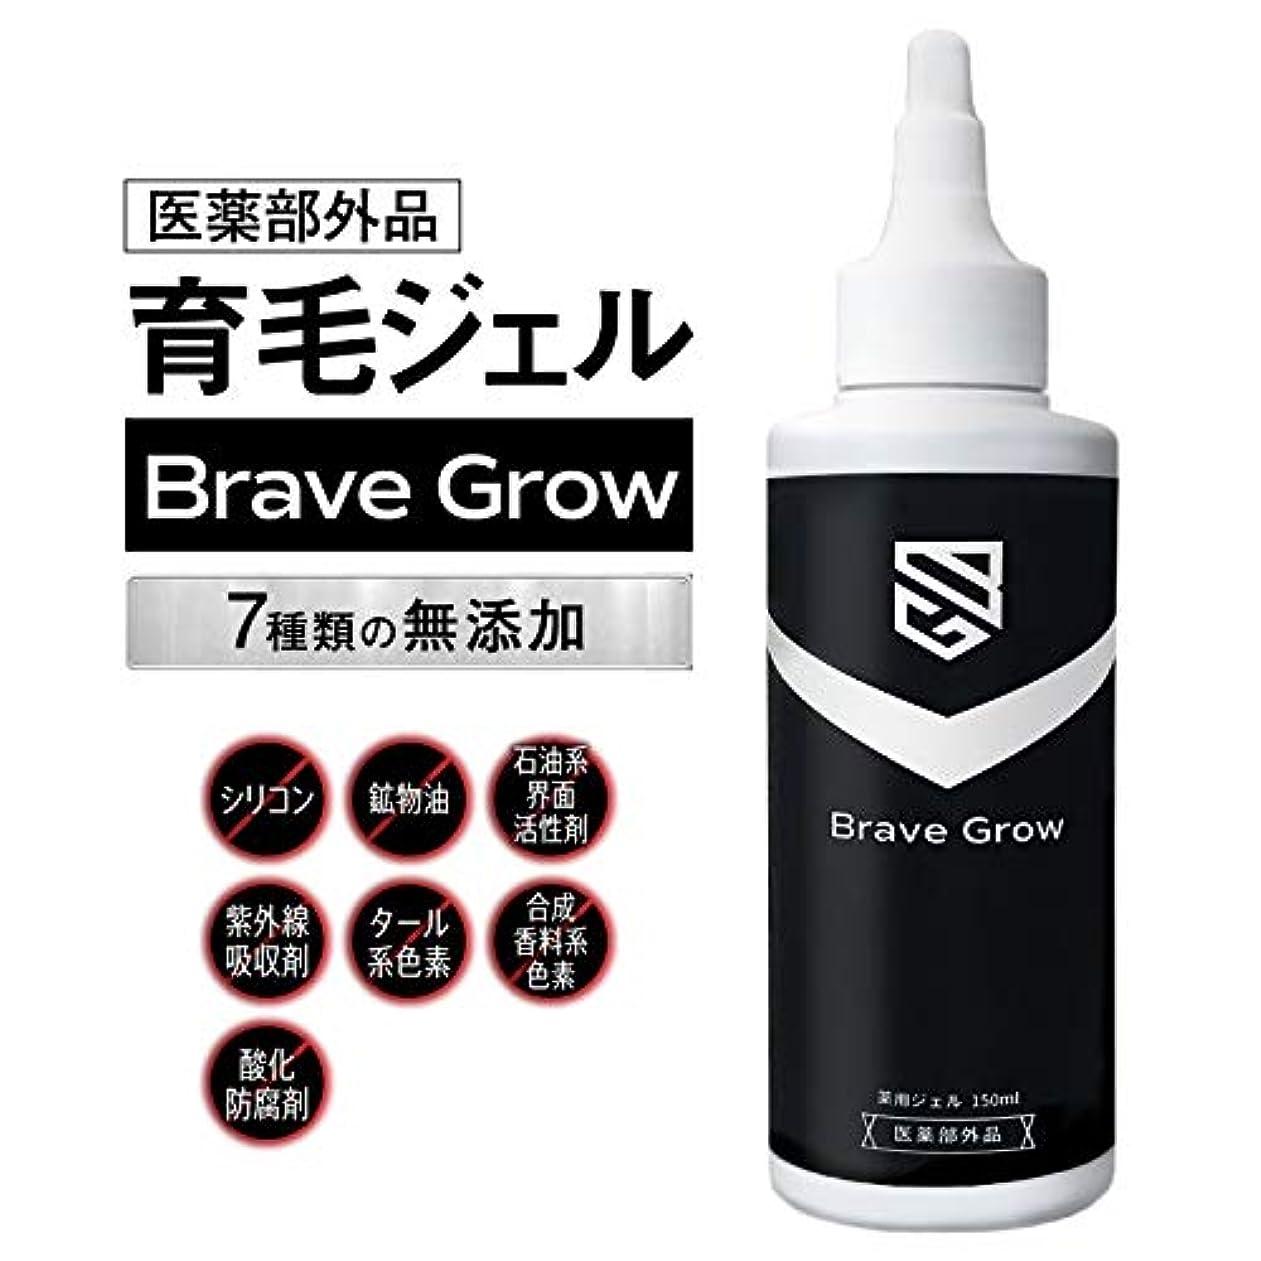 ボーダー有罪艦隊育毛剤 BraveGrow ブレイブグロー 150ml 【医薬部外品】ジェルタイプ 男性